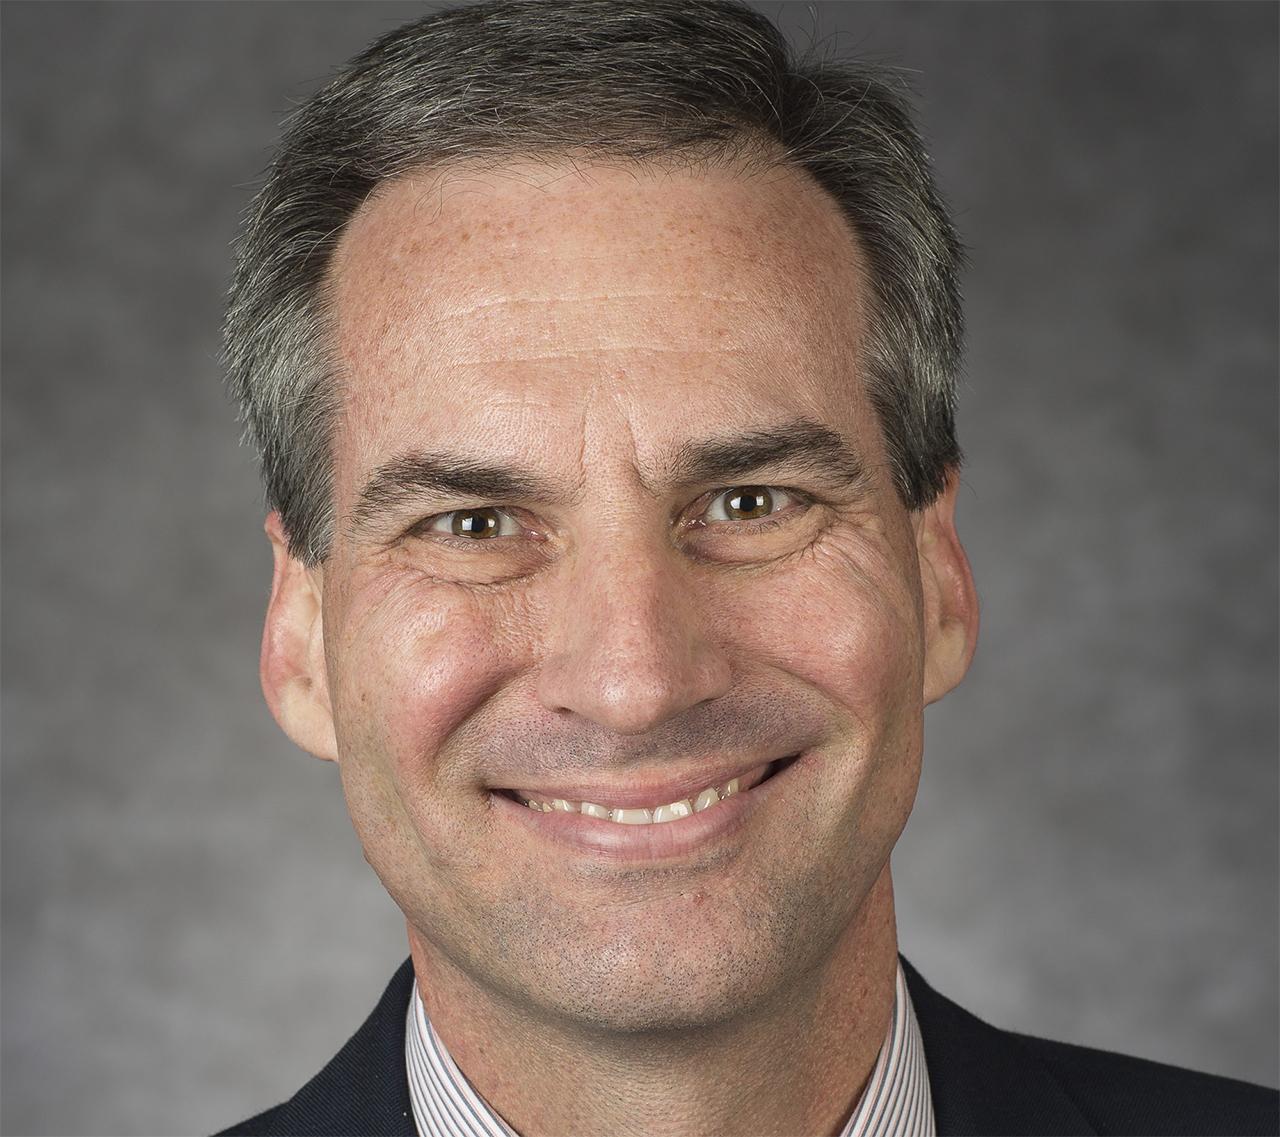 headshot of James Wolfinger